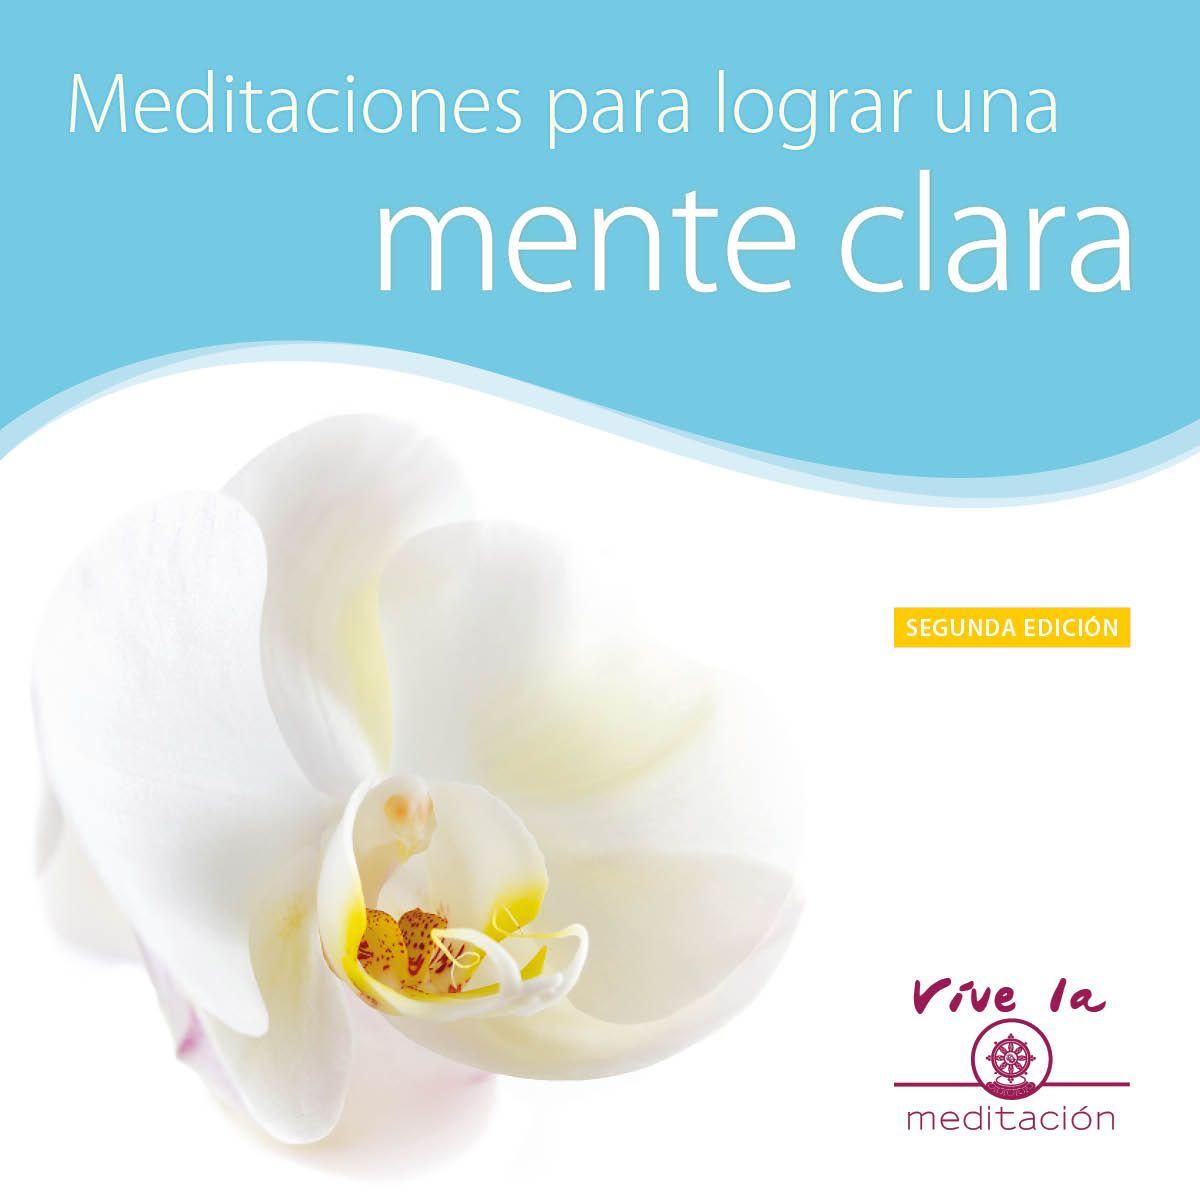 Meditaciones para una mente clara – Encuentra la felicidad en tu interior.